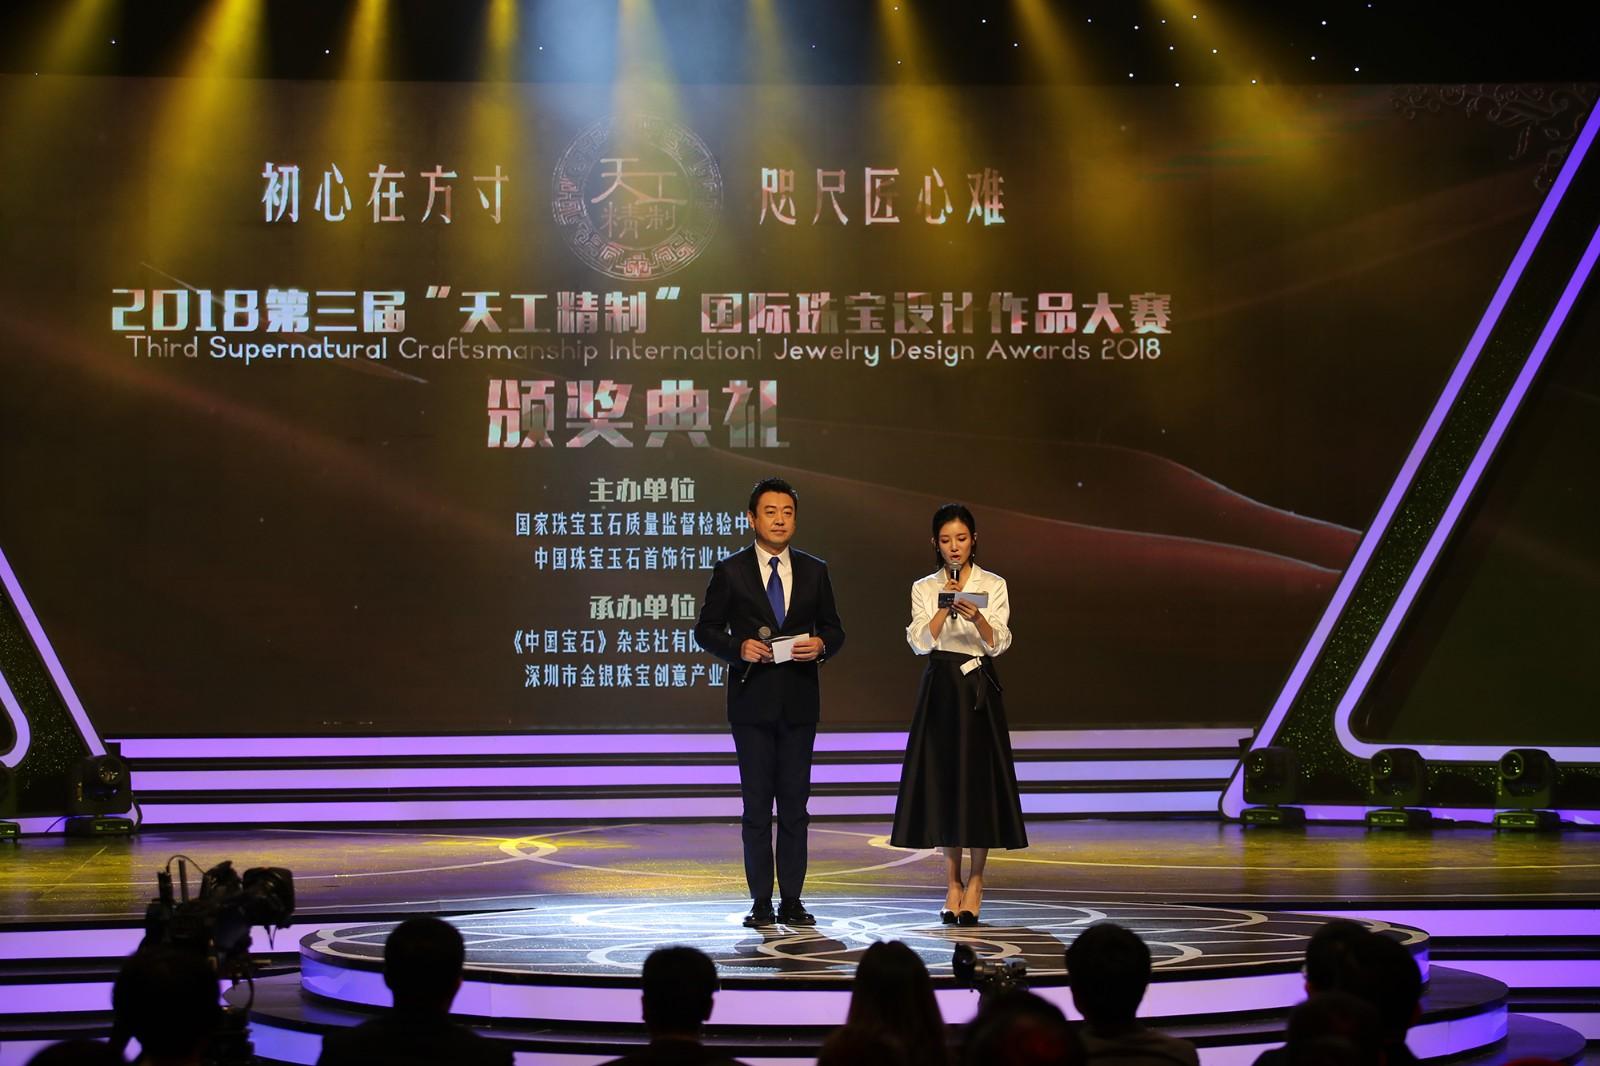 """2018第三届""""天工精制""""国际珠宝设计作品大赛颁奖典礼"""